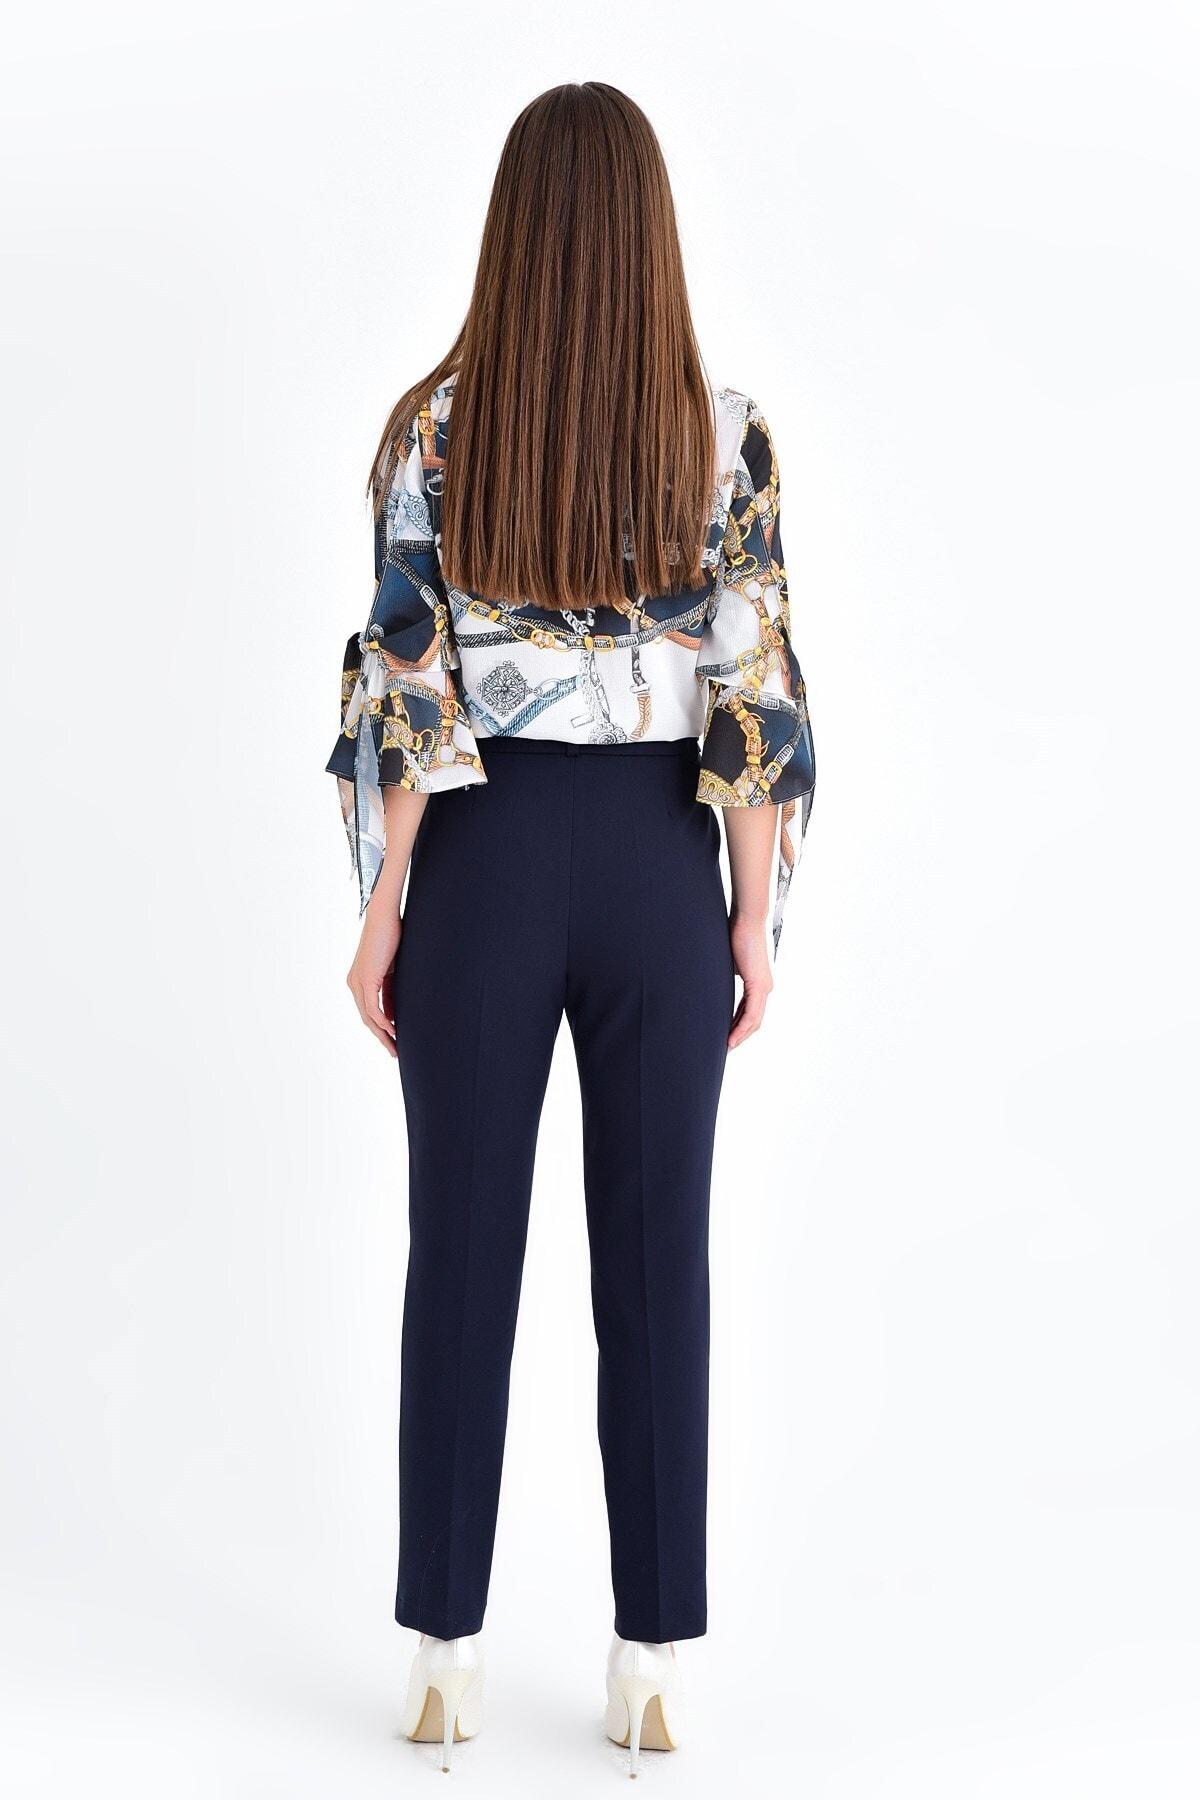 Jument Kadın Lacivert Pantolon 2522 2